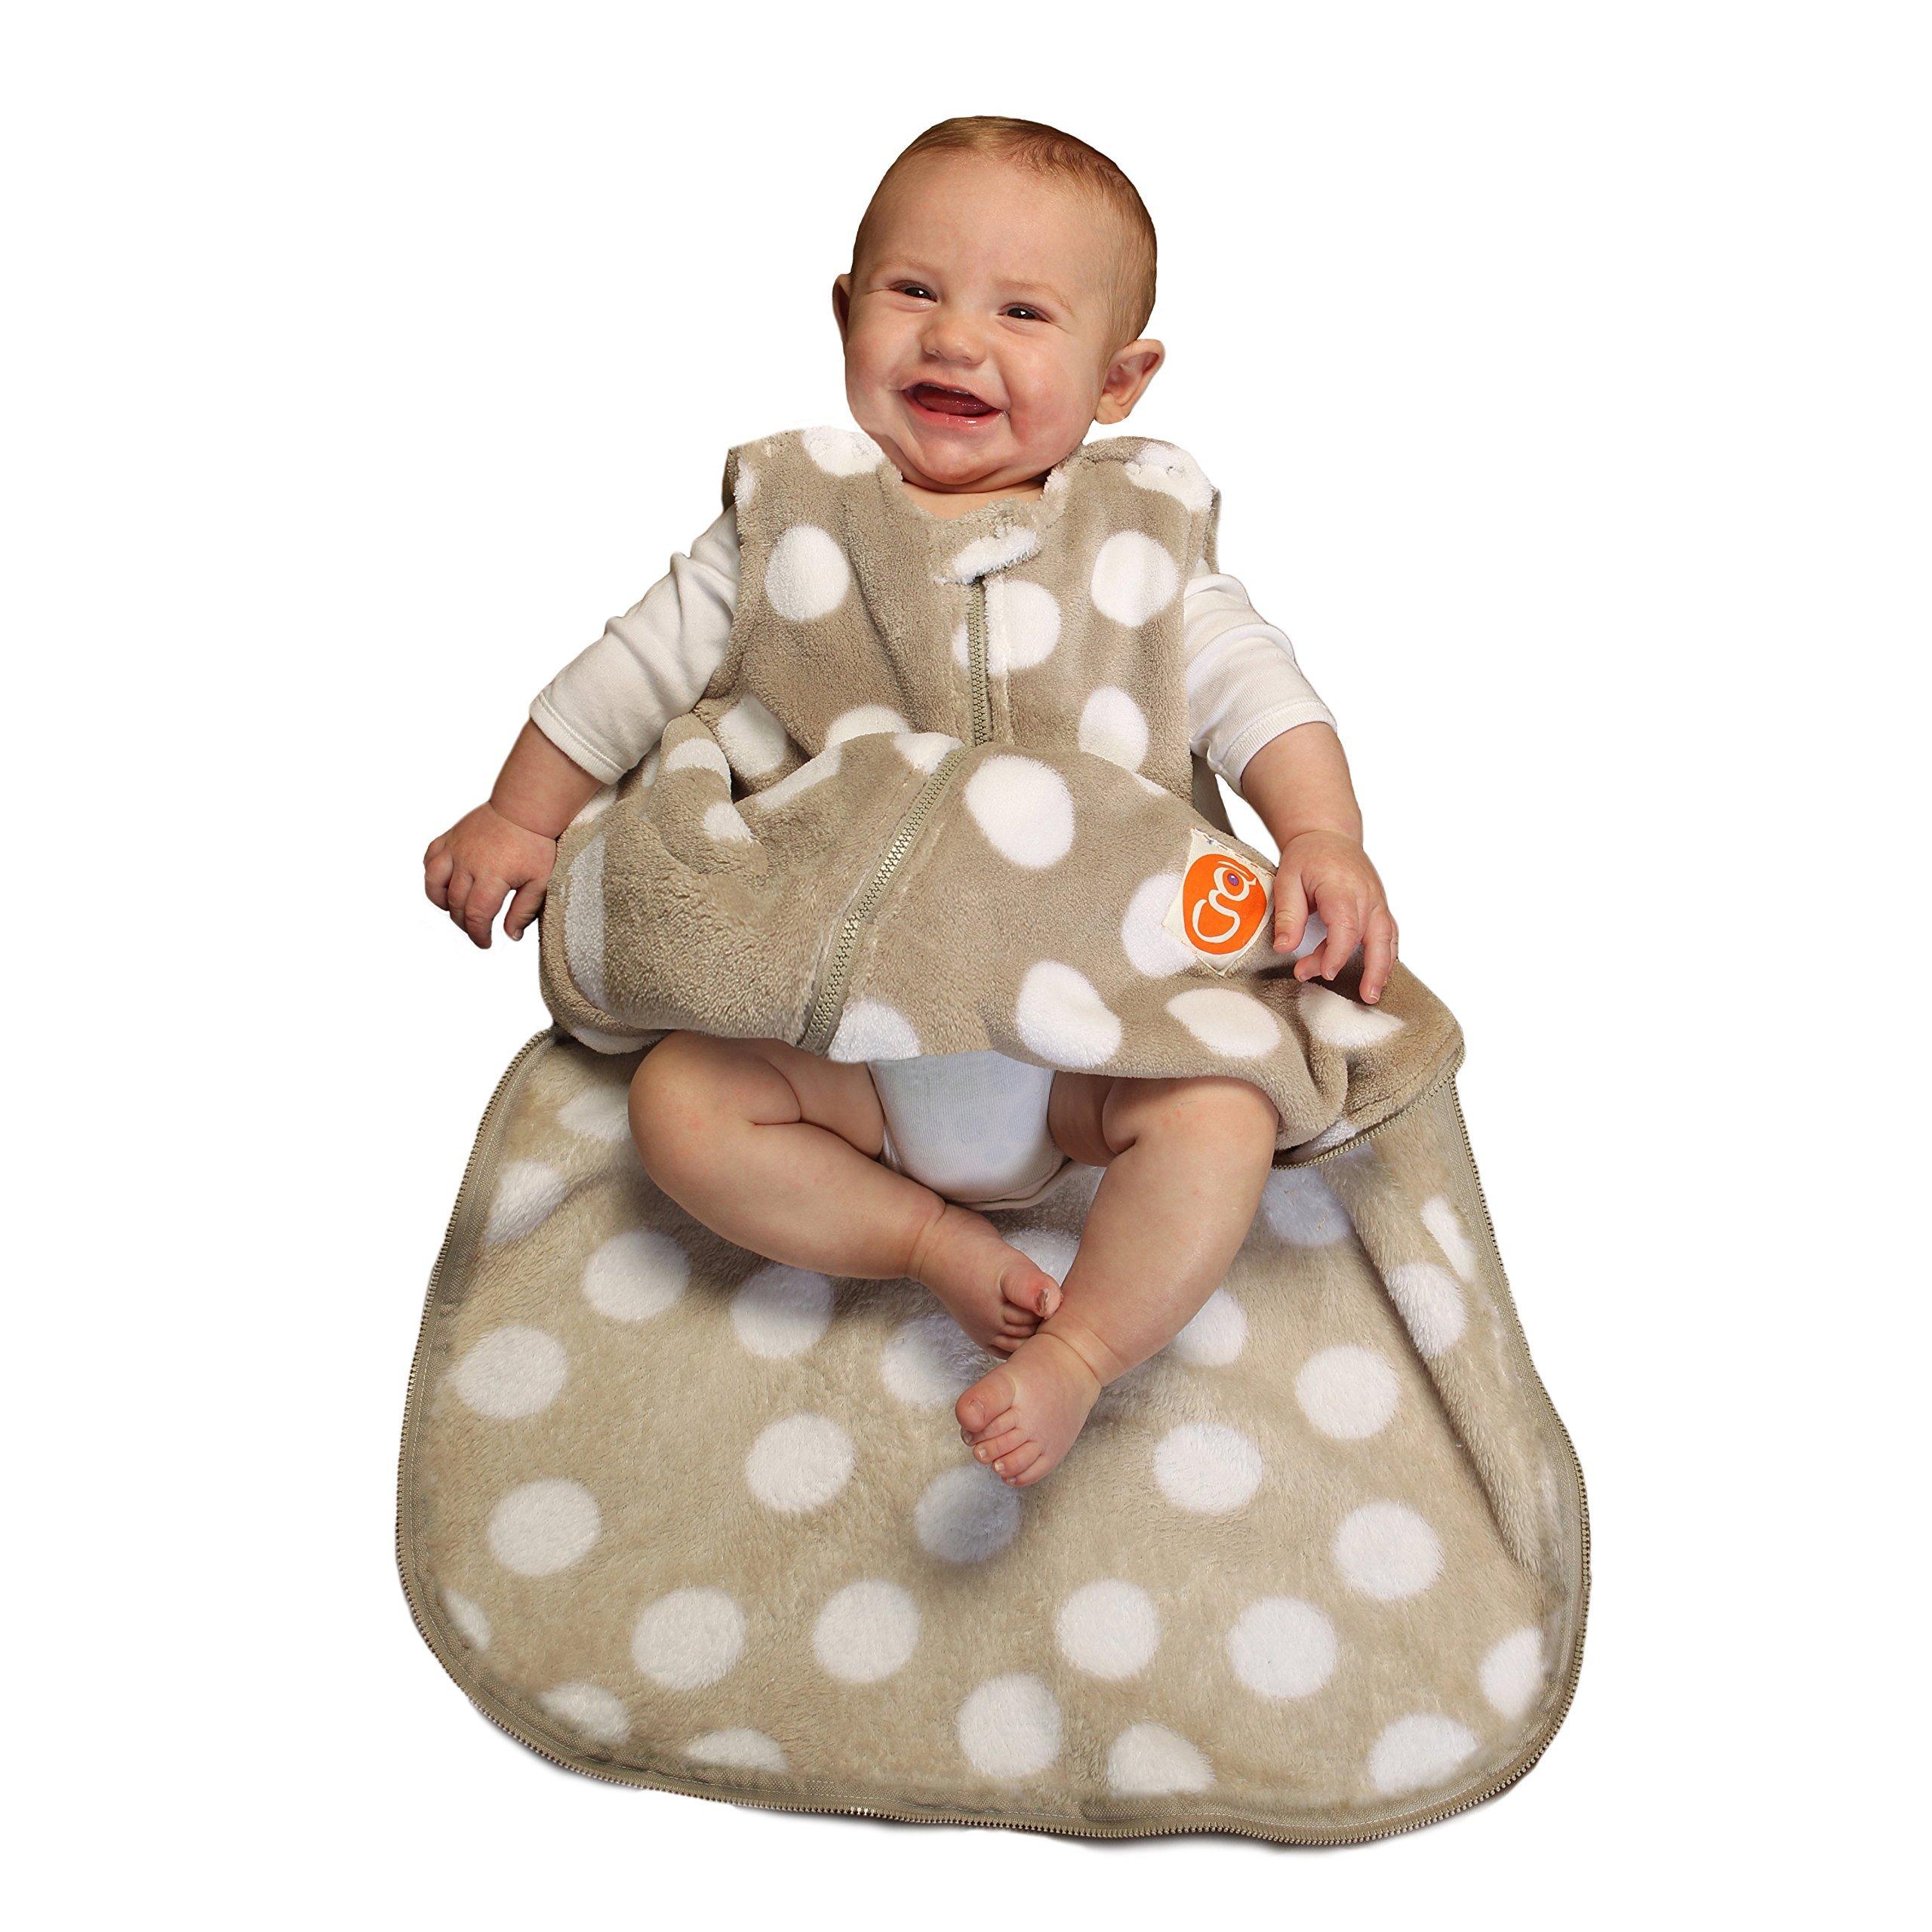 Gunapod Unisex Sleep Sack Fleece Wearable Blanket Baby Sleeping Bag with WONDERZiP by Gunapod